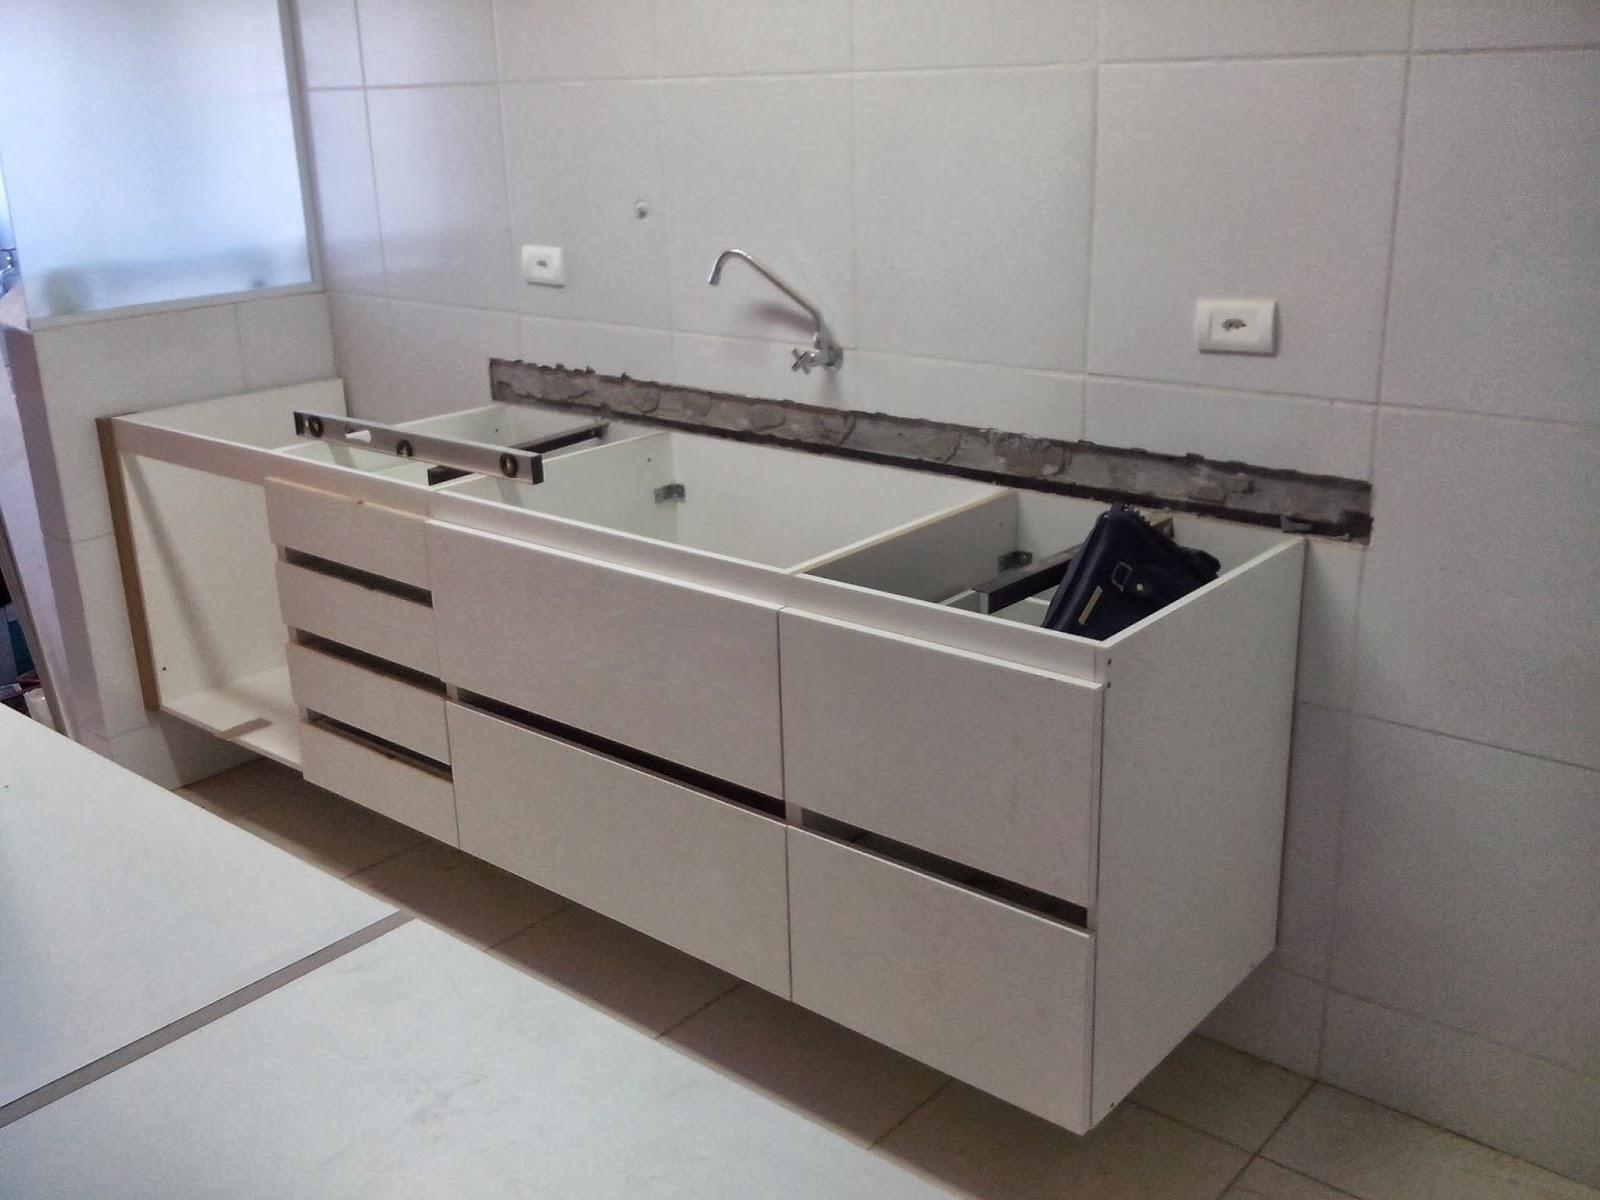 Reforma do meu apê: Montagem cozinha e lavanderia #50617B 1600x1200